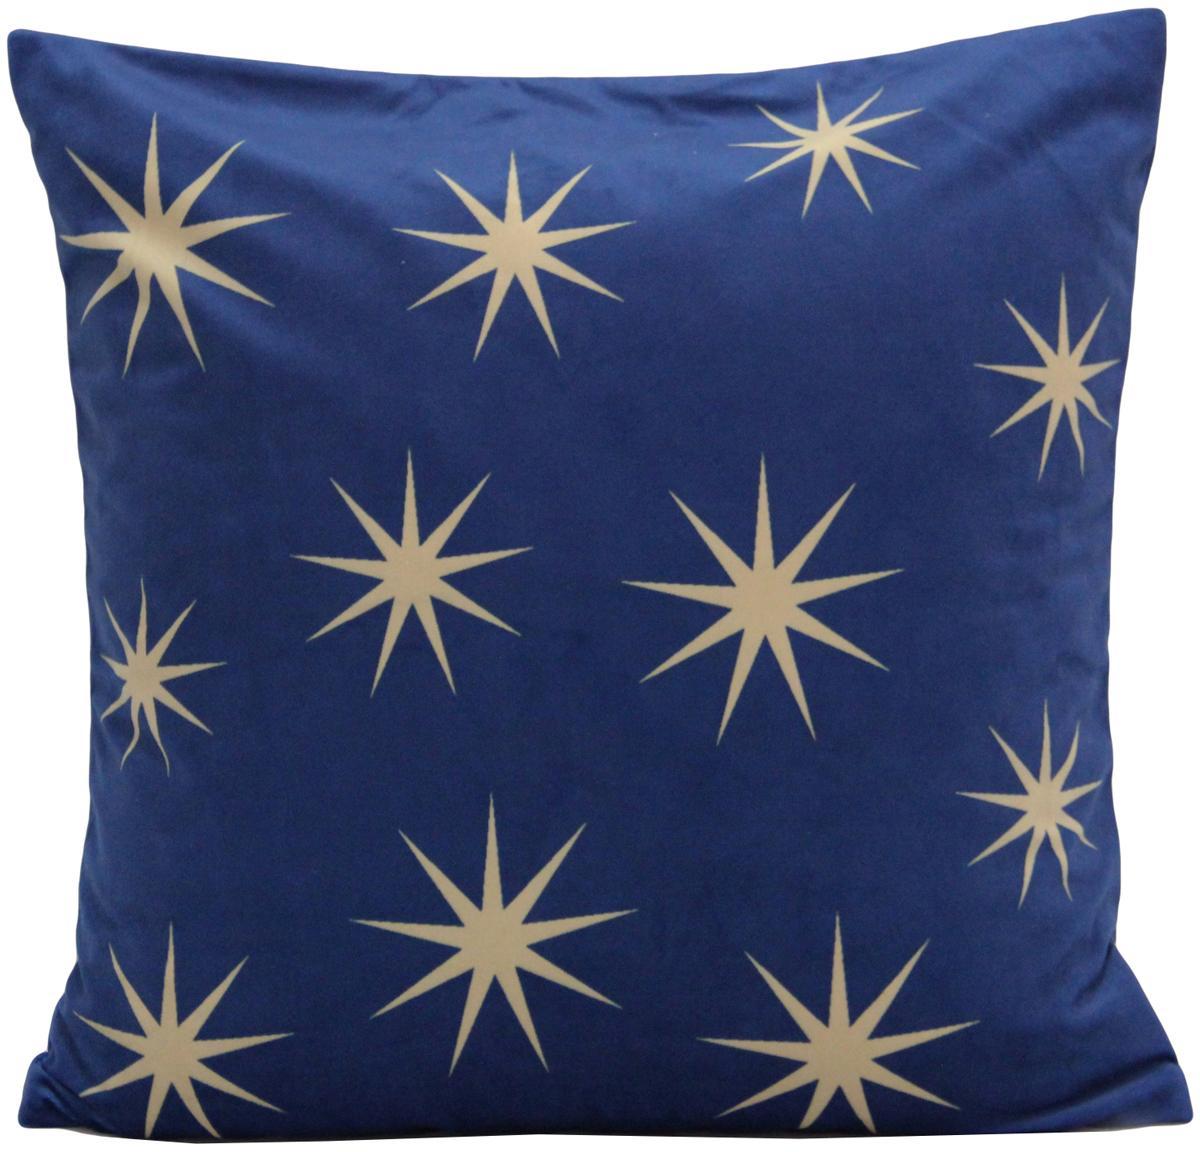 Samt-Kissenhülle Stars mit goldenem Sternen Print, Polyestersamt, Blau, Beige, 45 x 45 cm